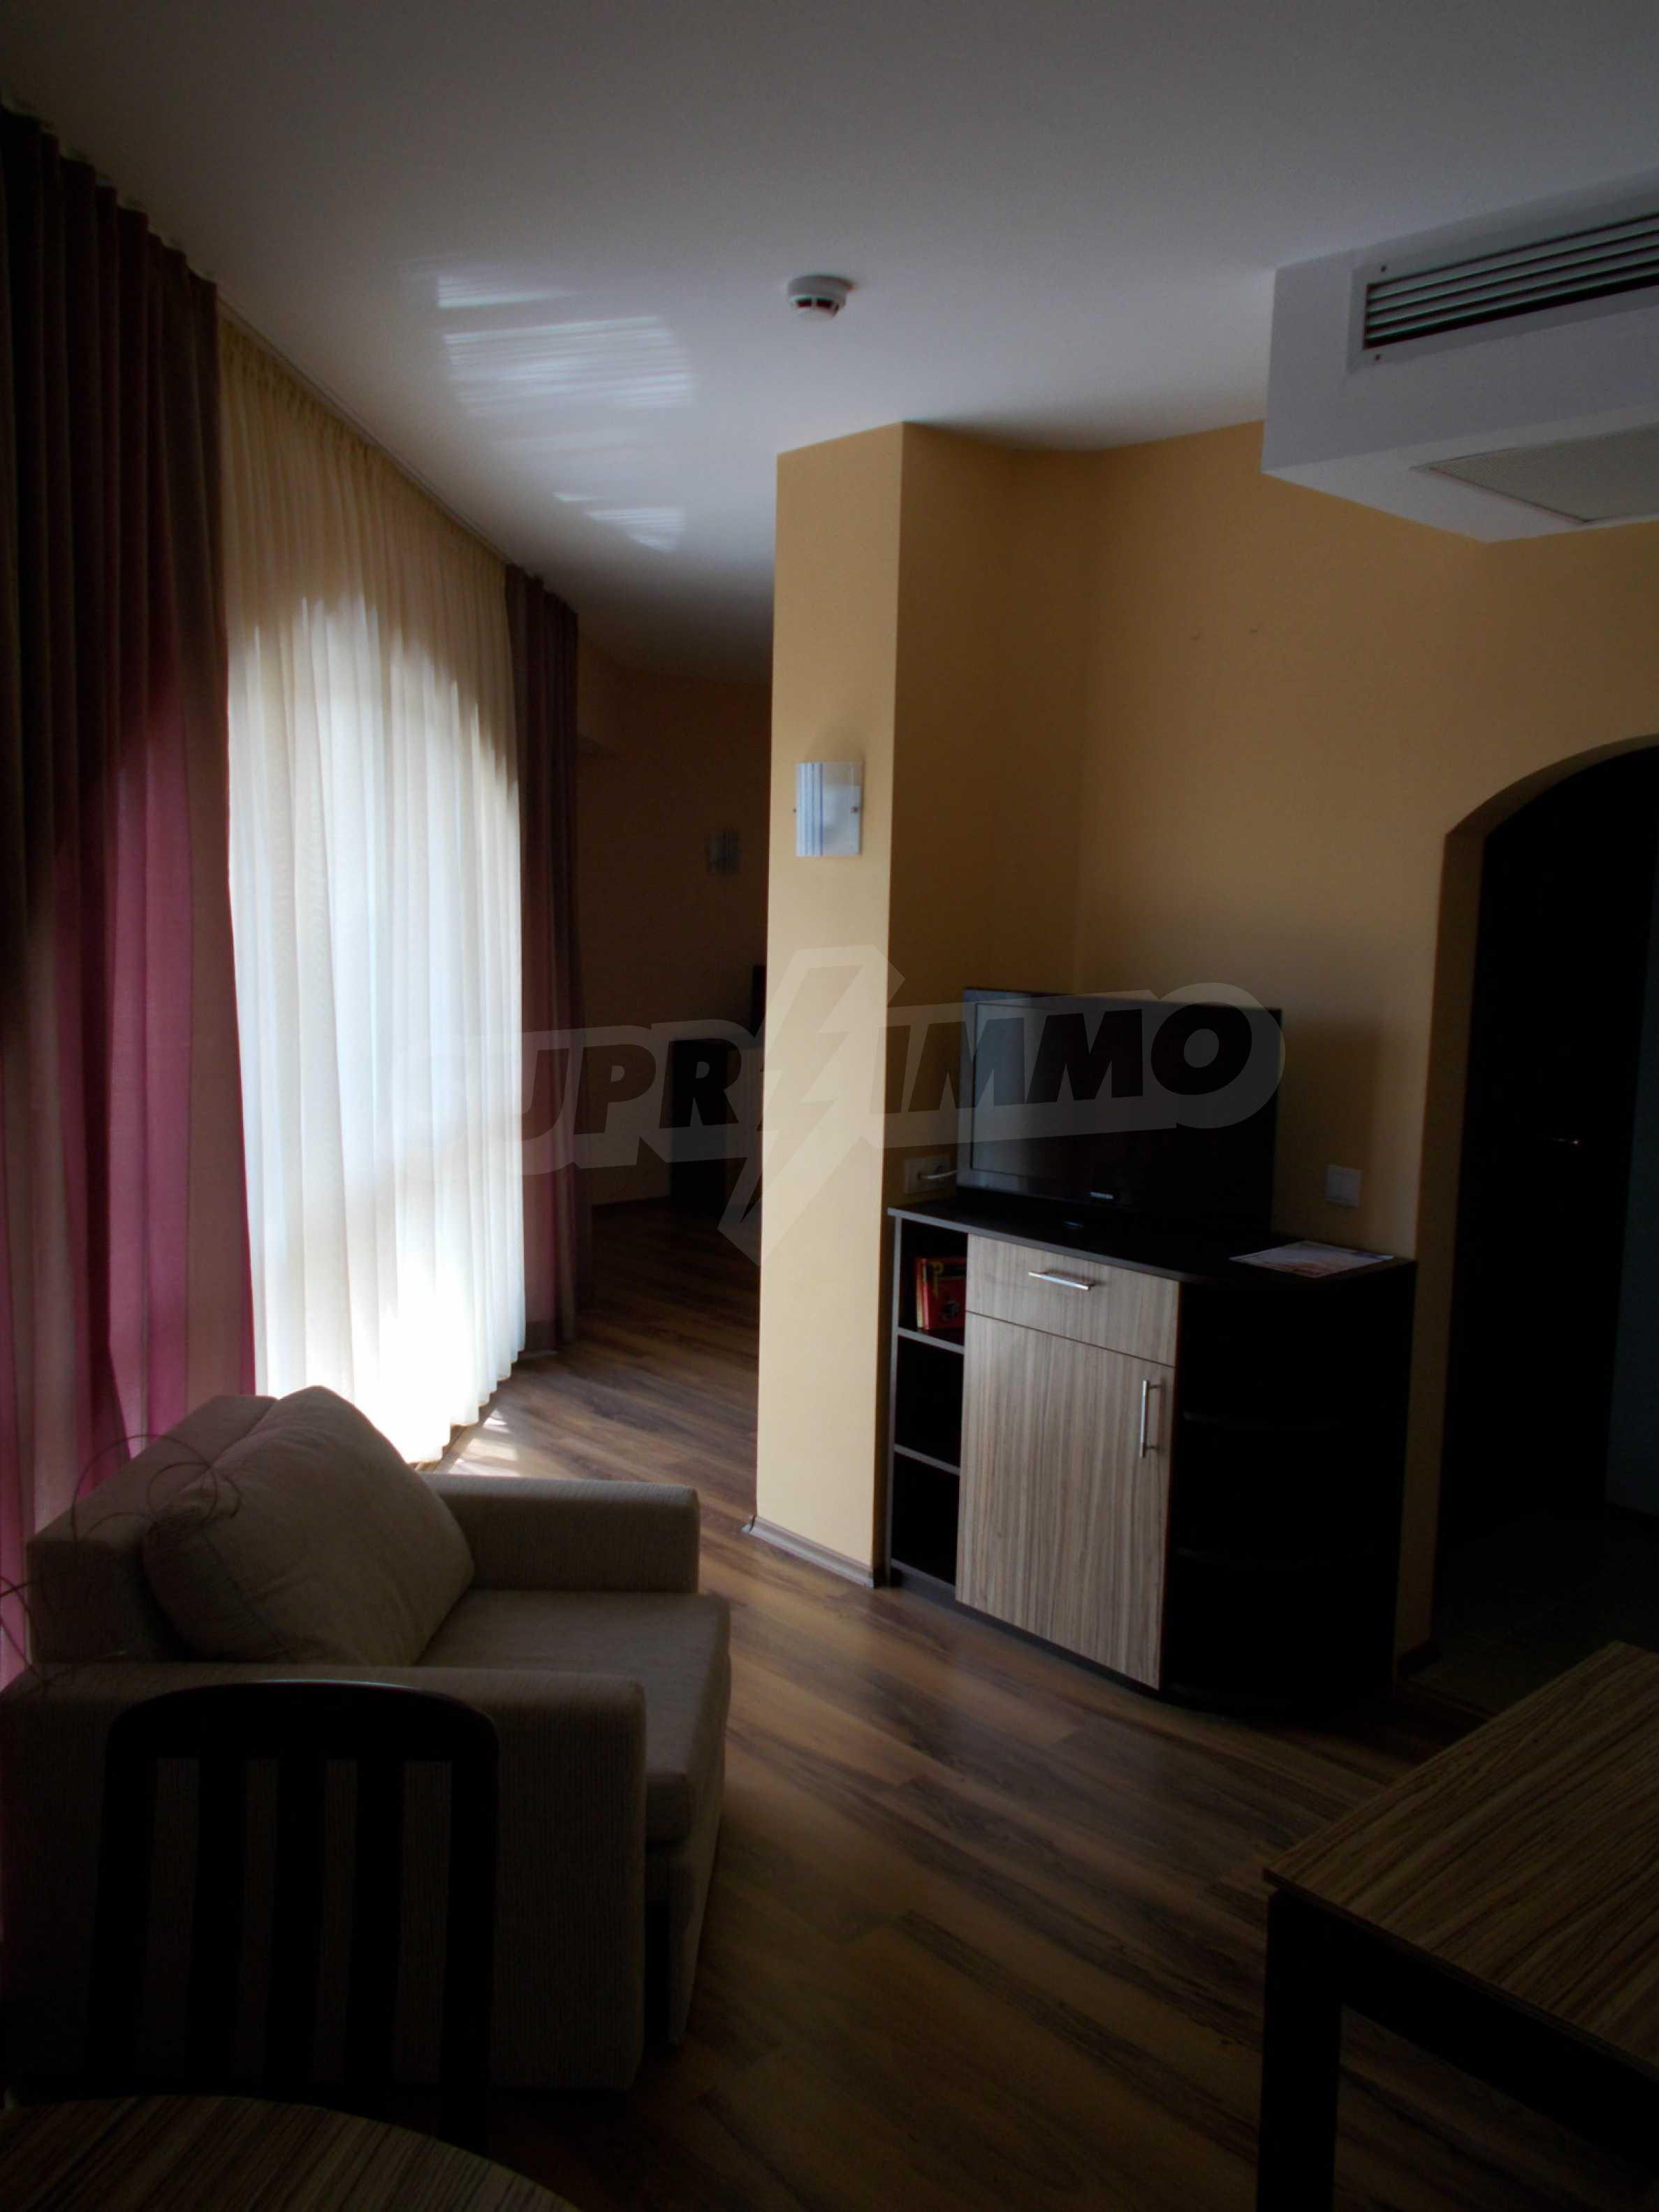 Ein-Zimmer-Wohnung im VRIS-Komplex in Tsarevo 7